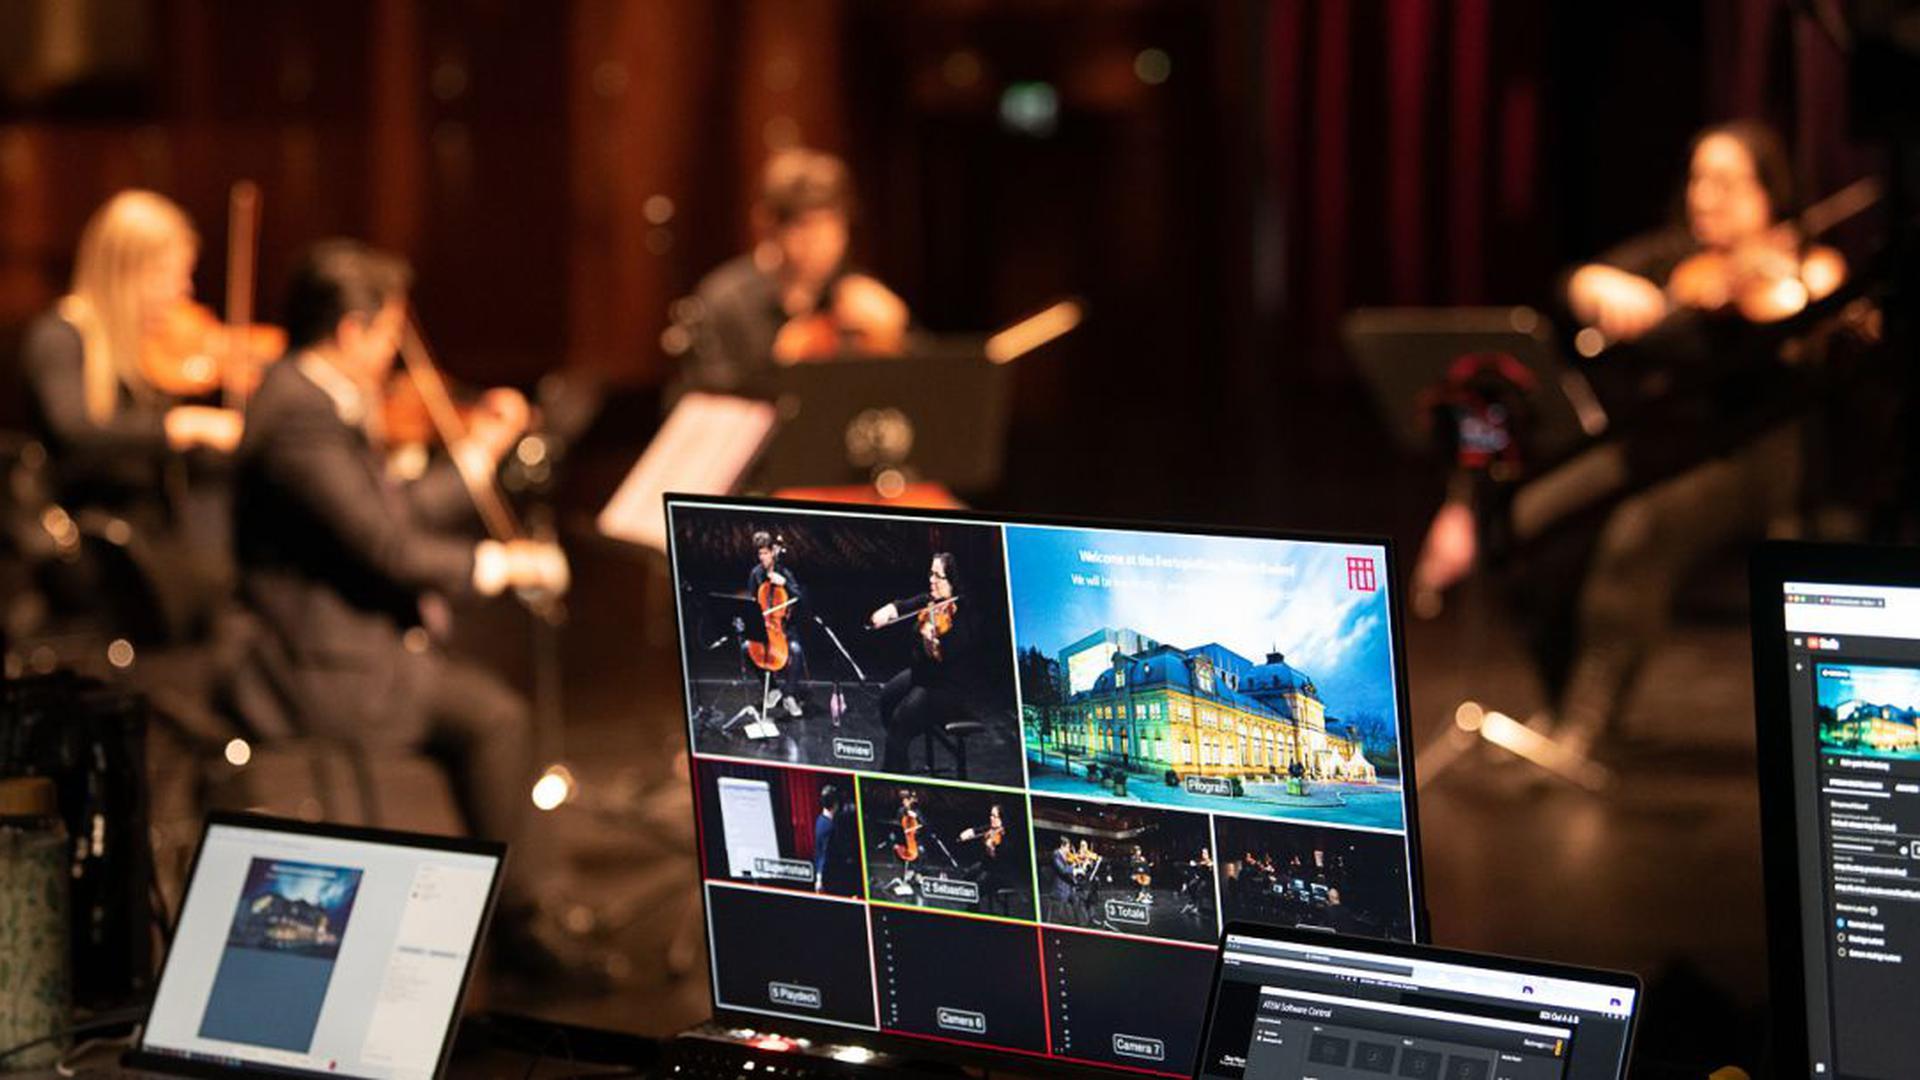 Klassische Musik im Livestream: Aufnahme aus einem Workshop am Festspielhaus Baden-Baden, PR-Bild zum Streaming-Festival des Festspielhauses im Februar 2021.